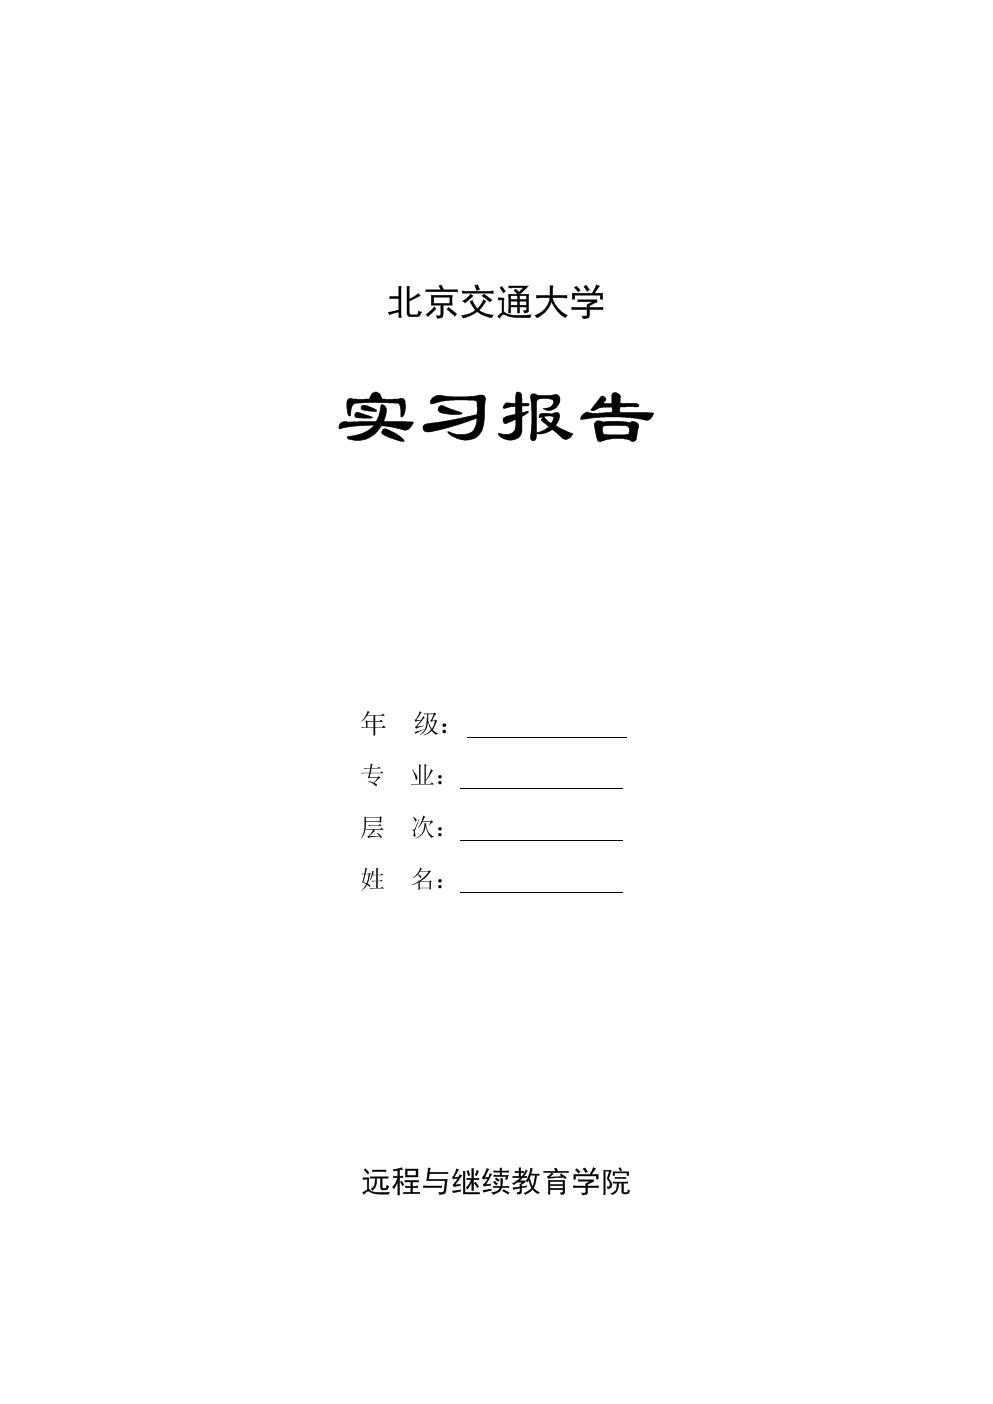 专科实习报告样表.doc